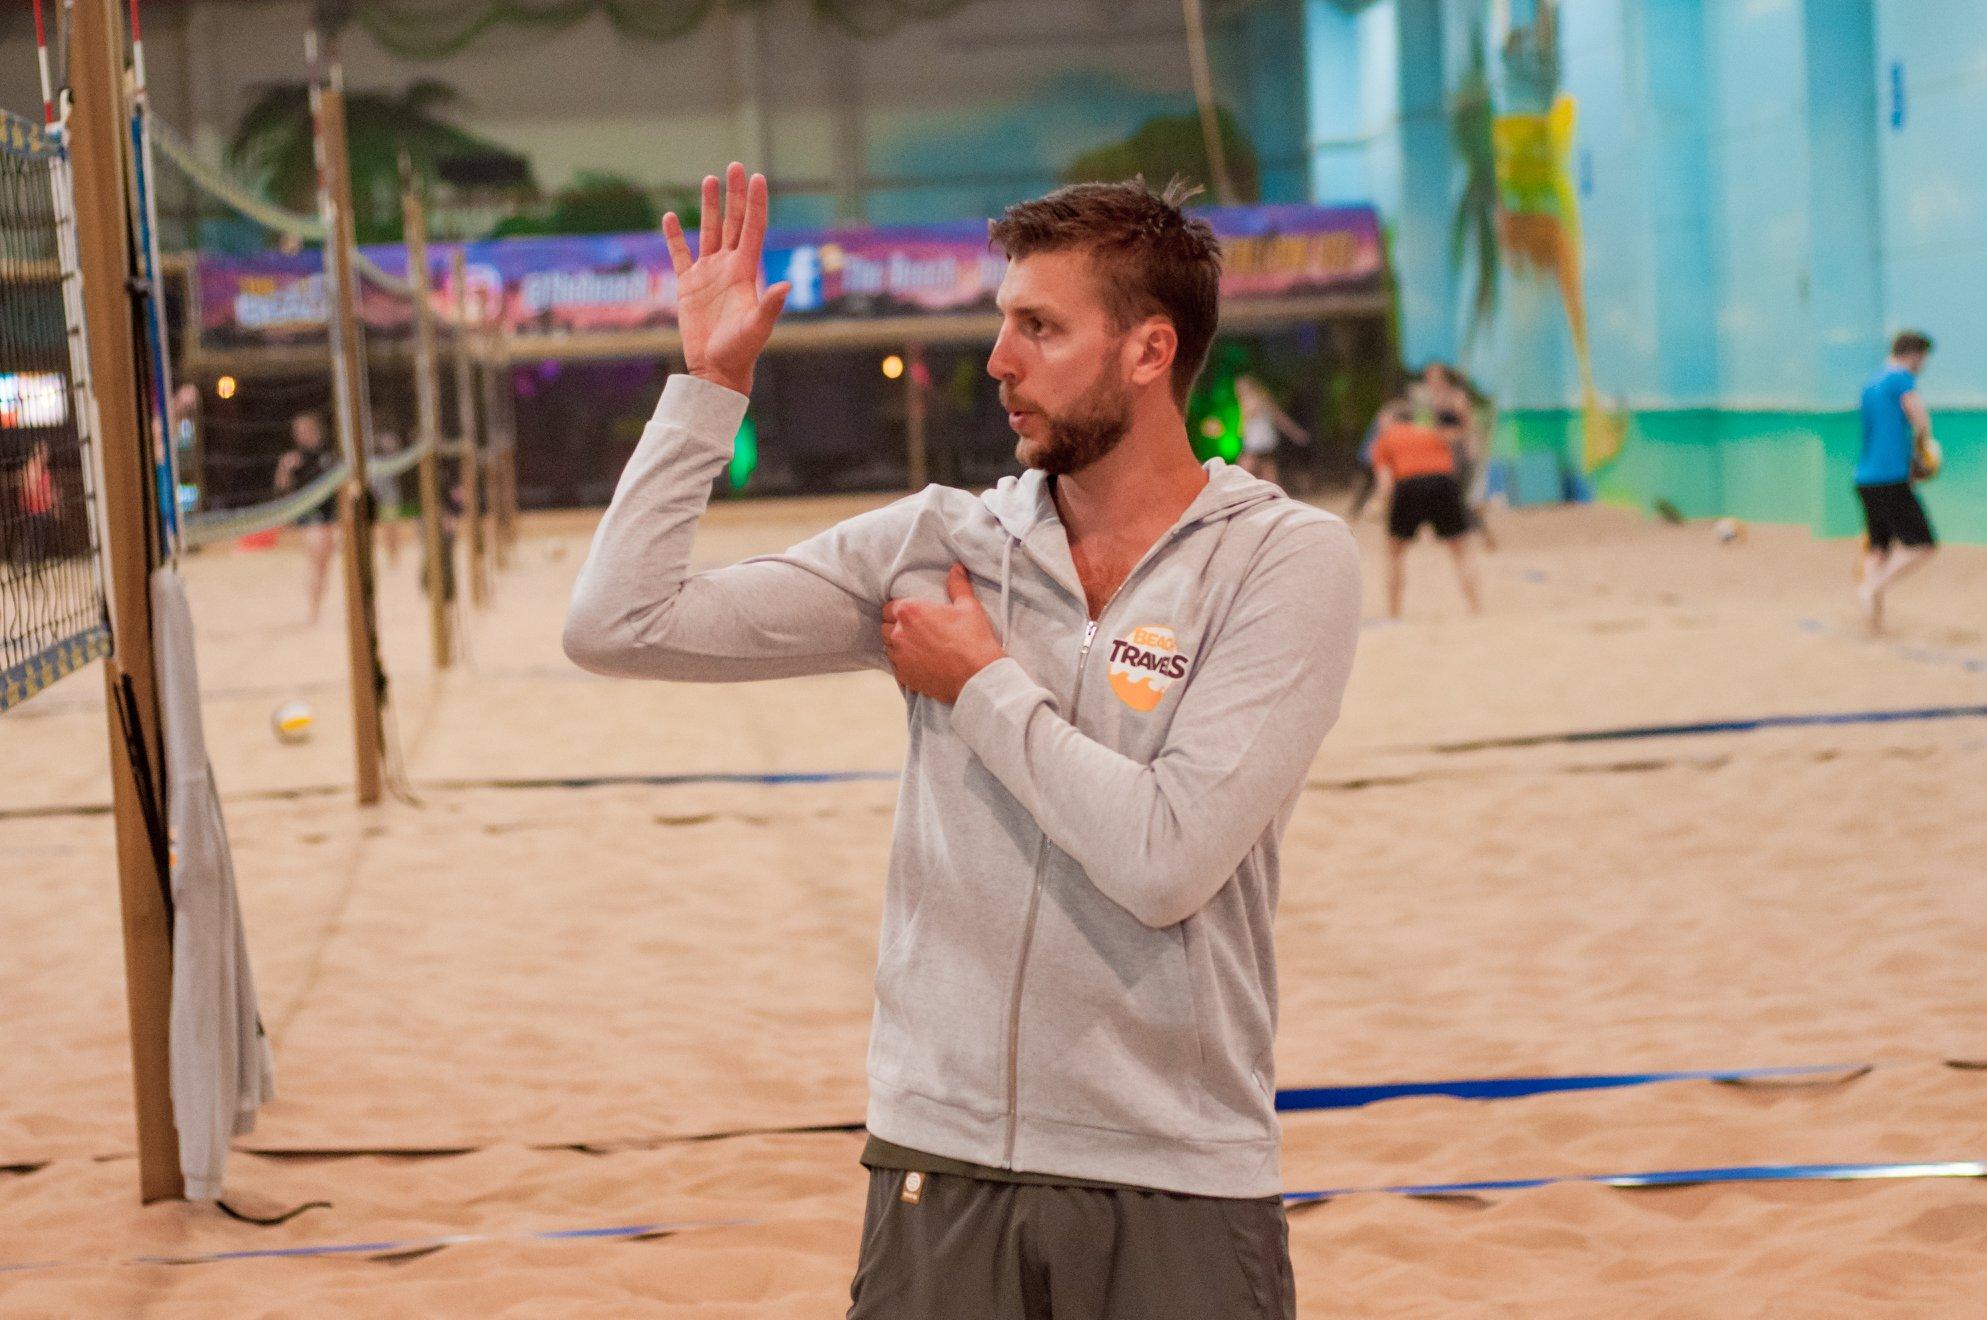 Landslagsspelaren Linus Tholse är tränare i beachvolley